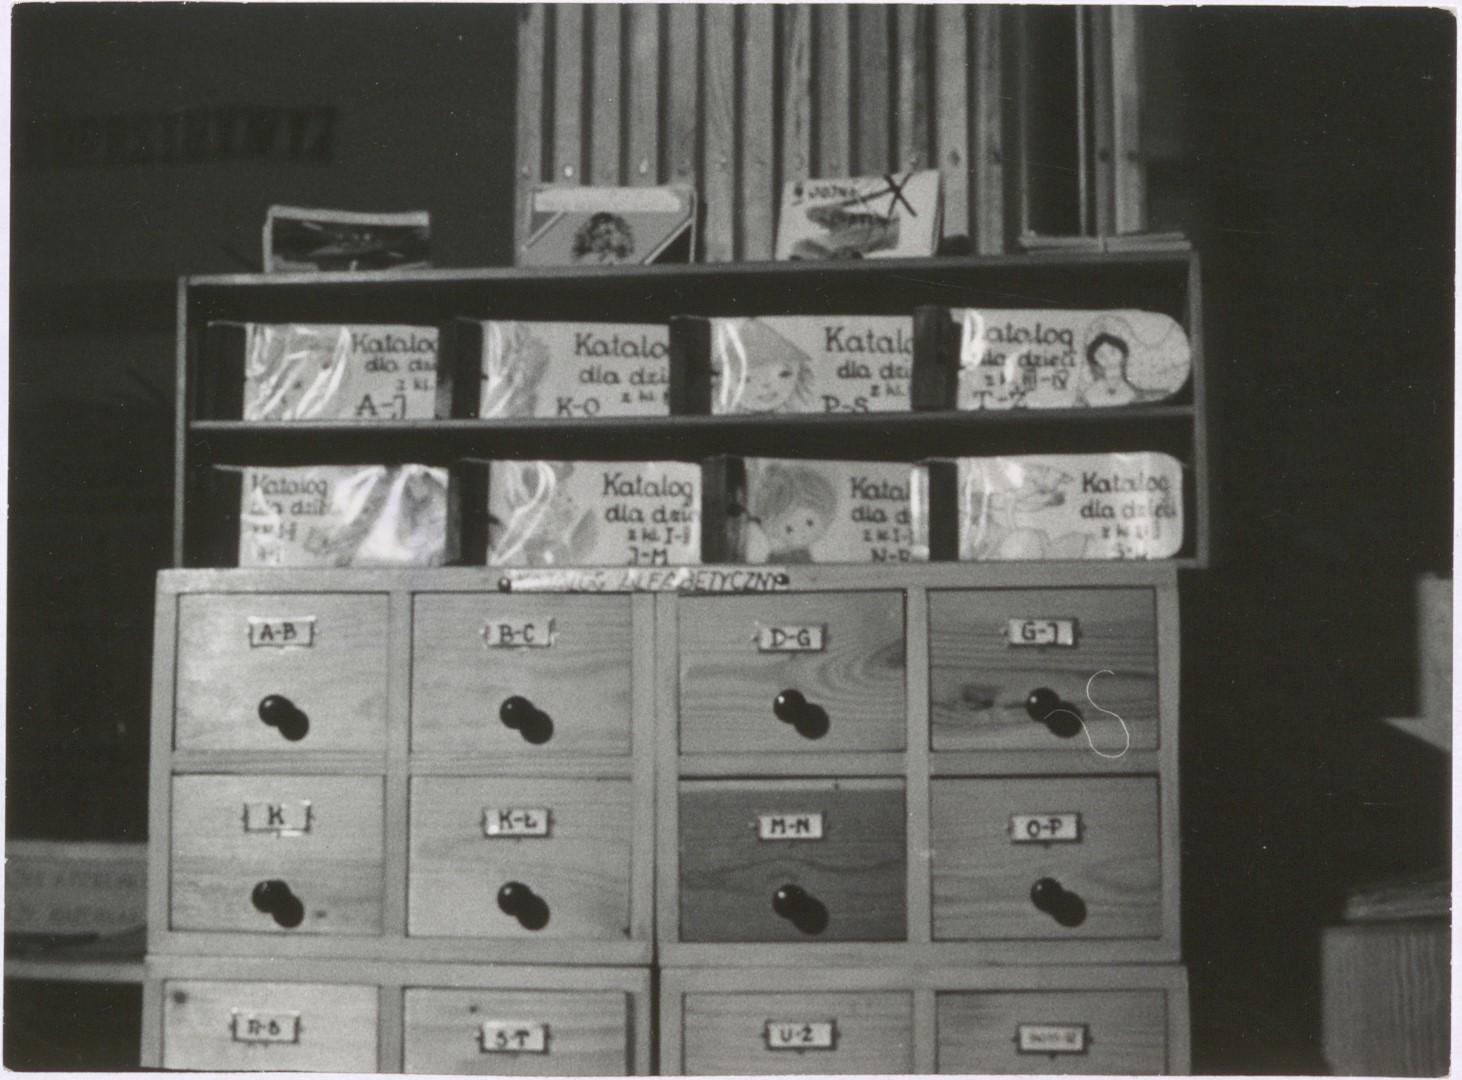 Oddział dla dzieci Powiatowej i Miejskiej Biblioteki Publicznej w Działdowie 1974 r. Szafka na karty katalogowe szufladowa